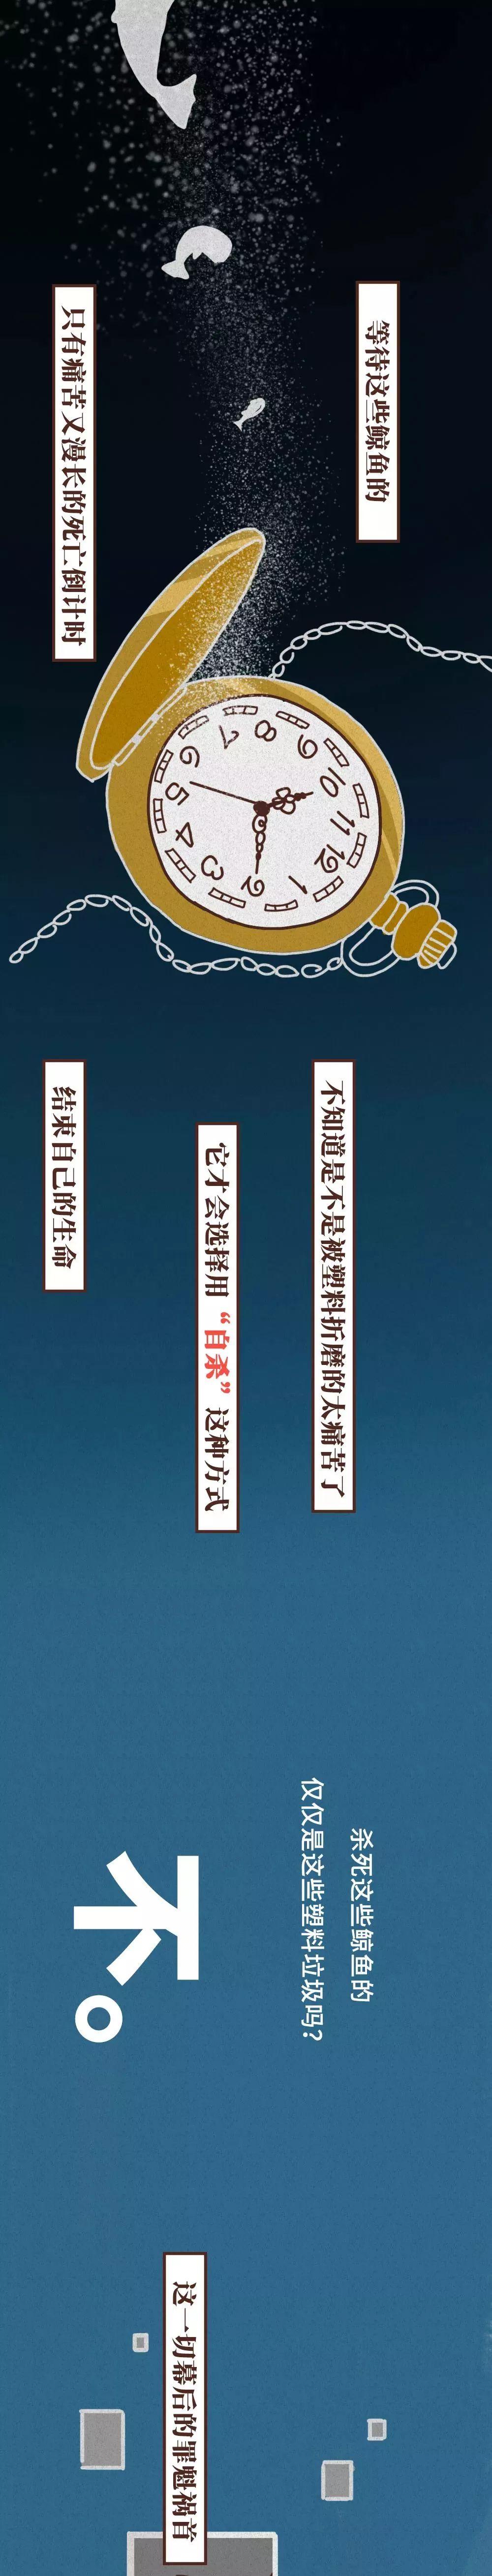 d2ef5fb9dae546888186f8e1981dbf0d.jpeg